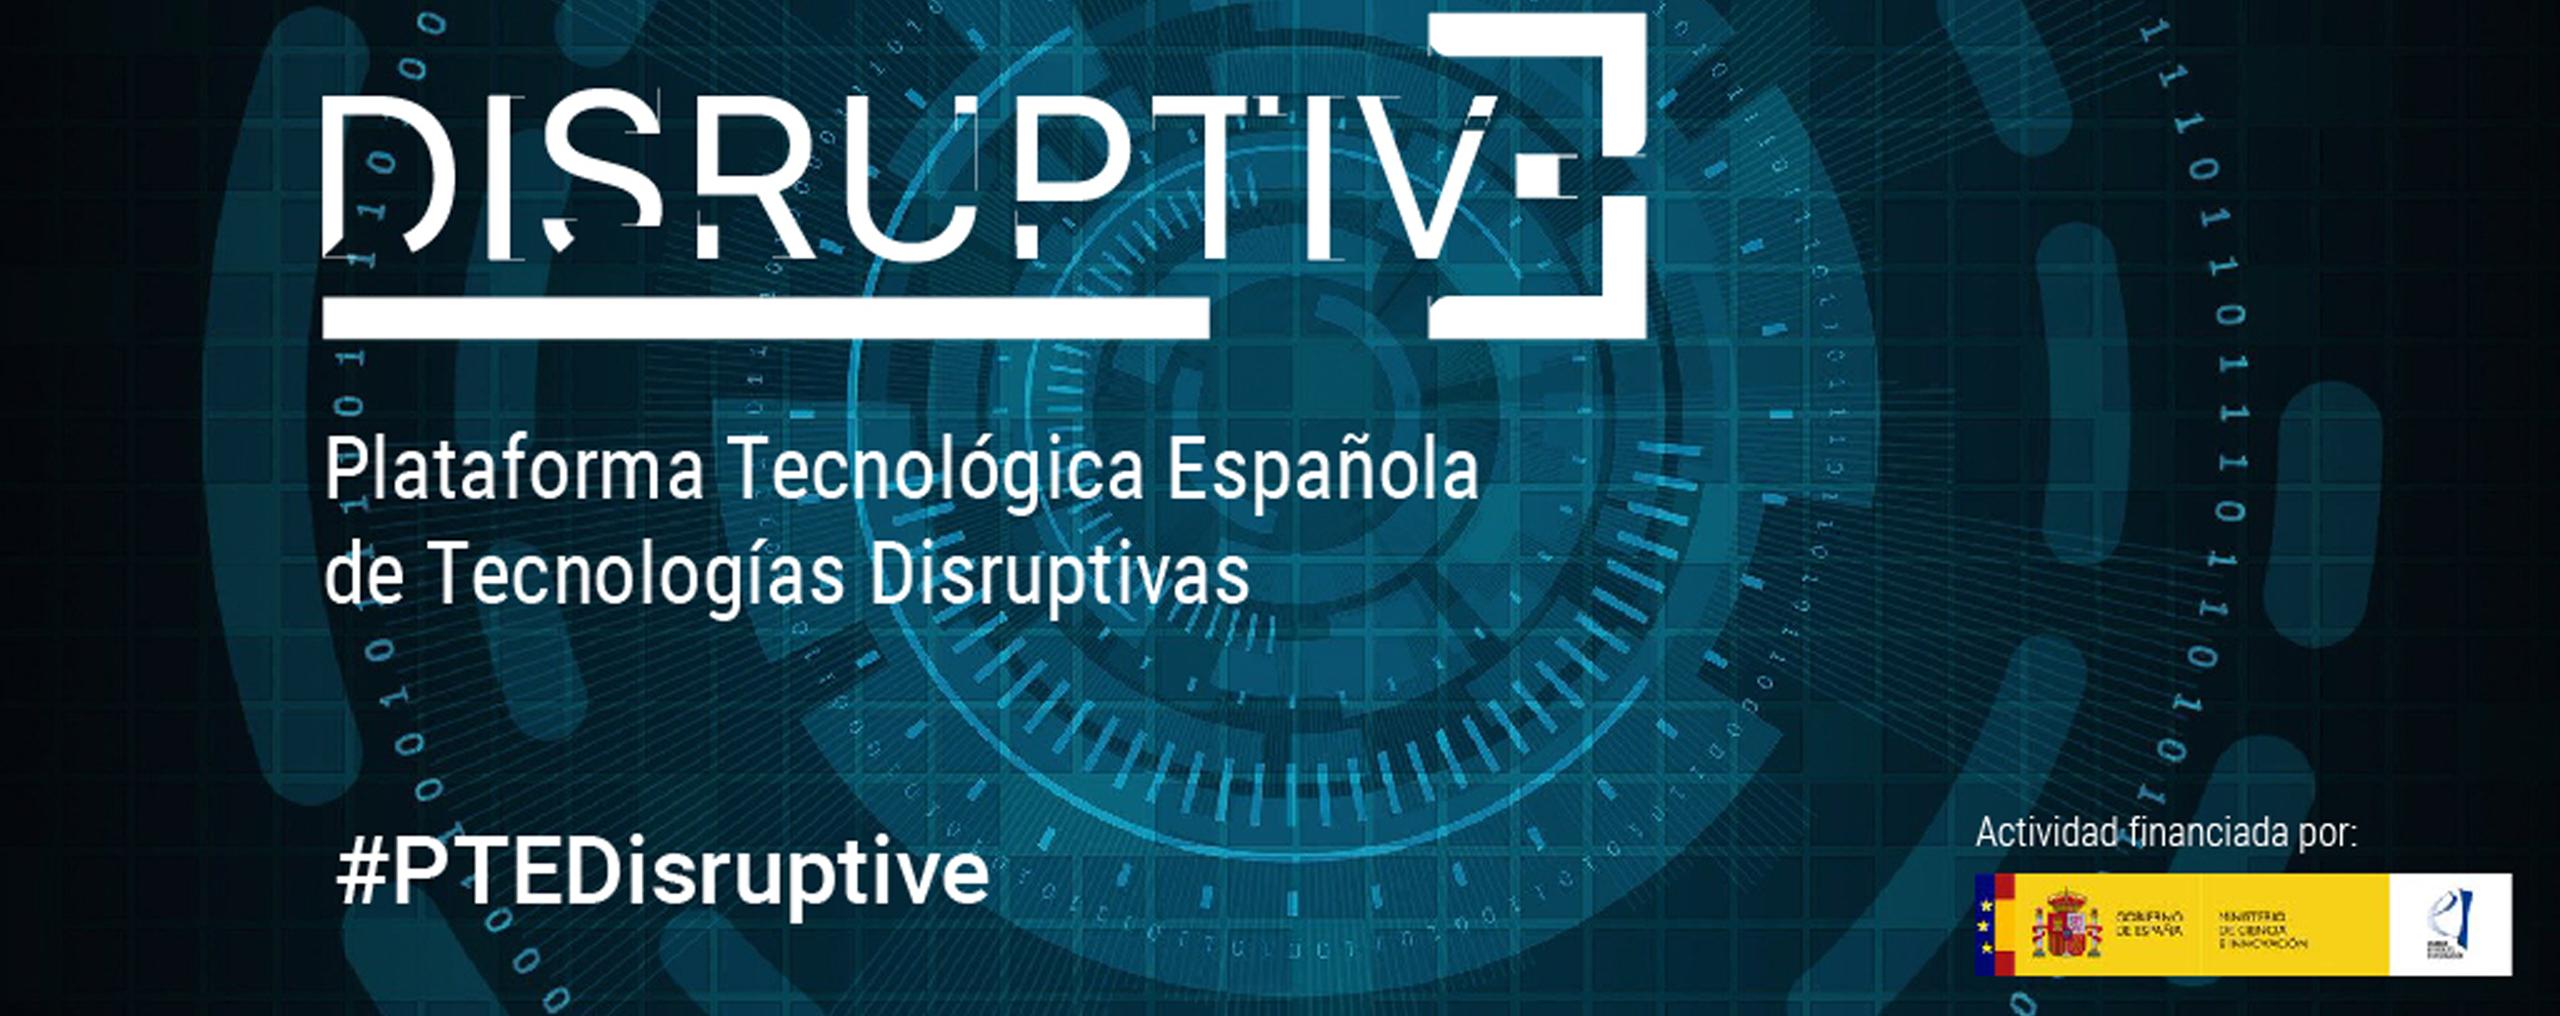 CREATIVIDAD_DISRUPTIVE_web-banner_FCPCT